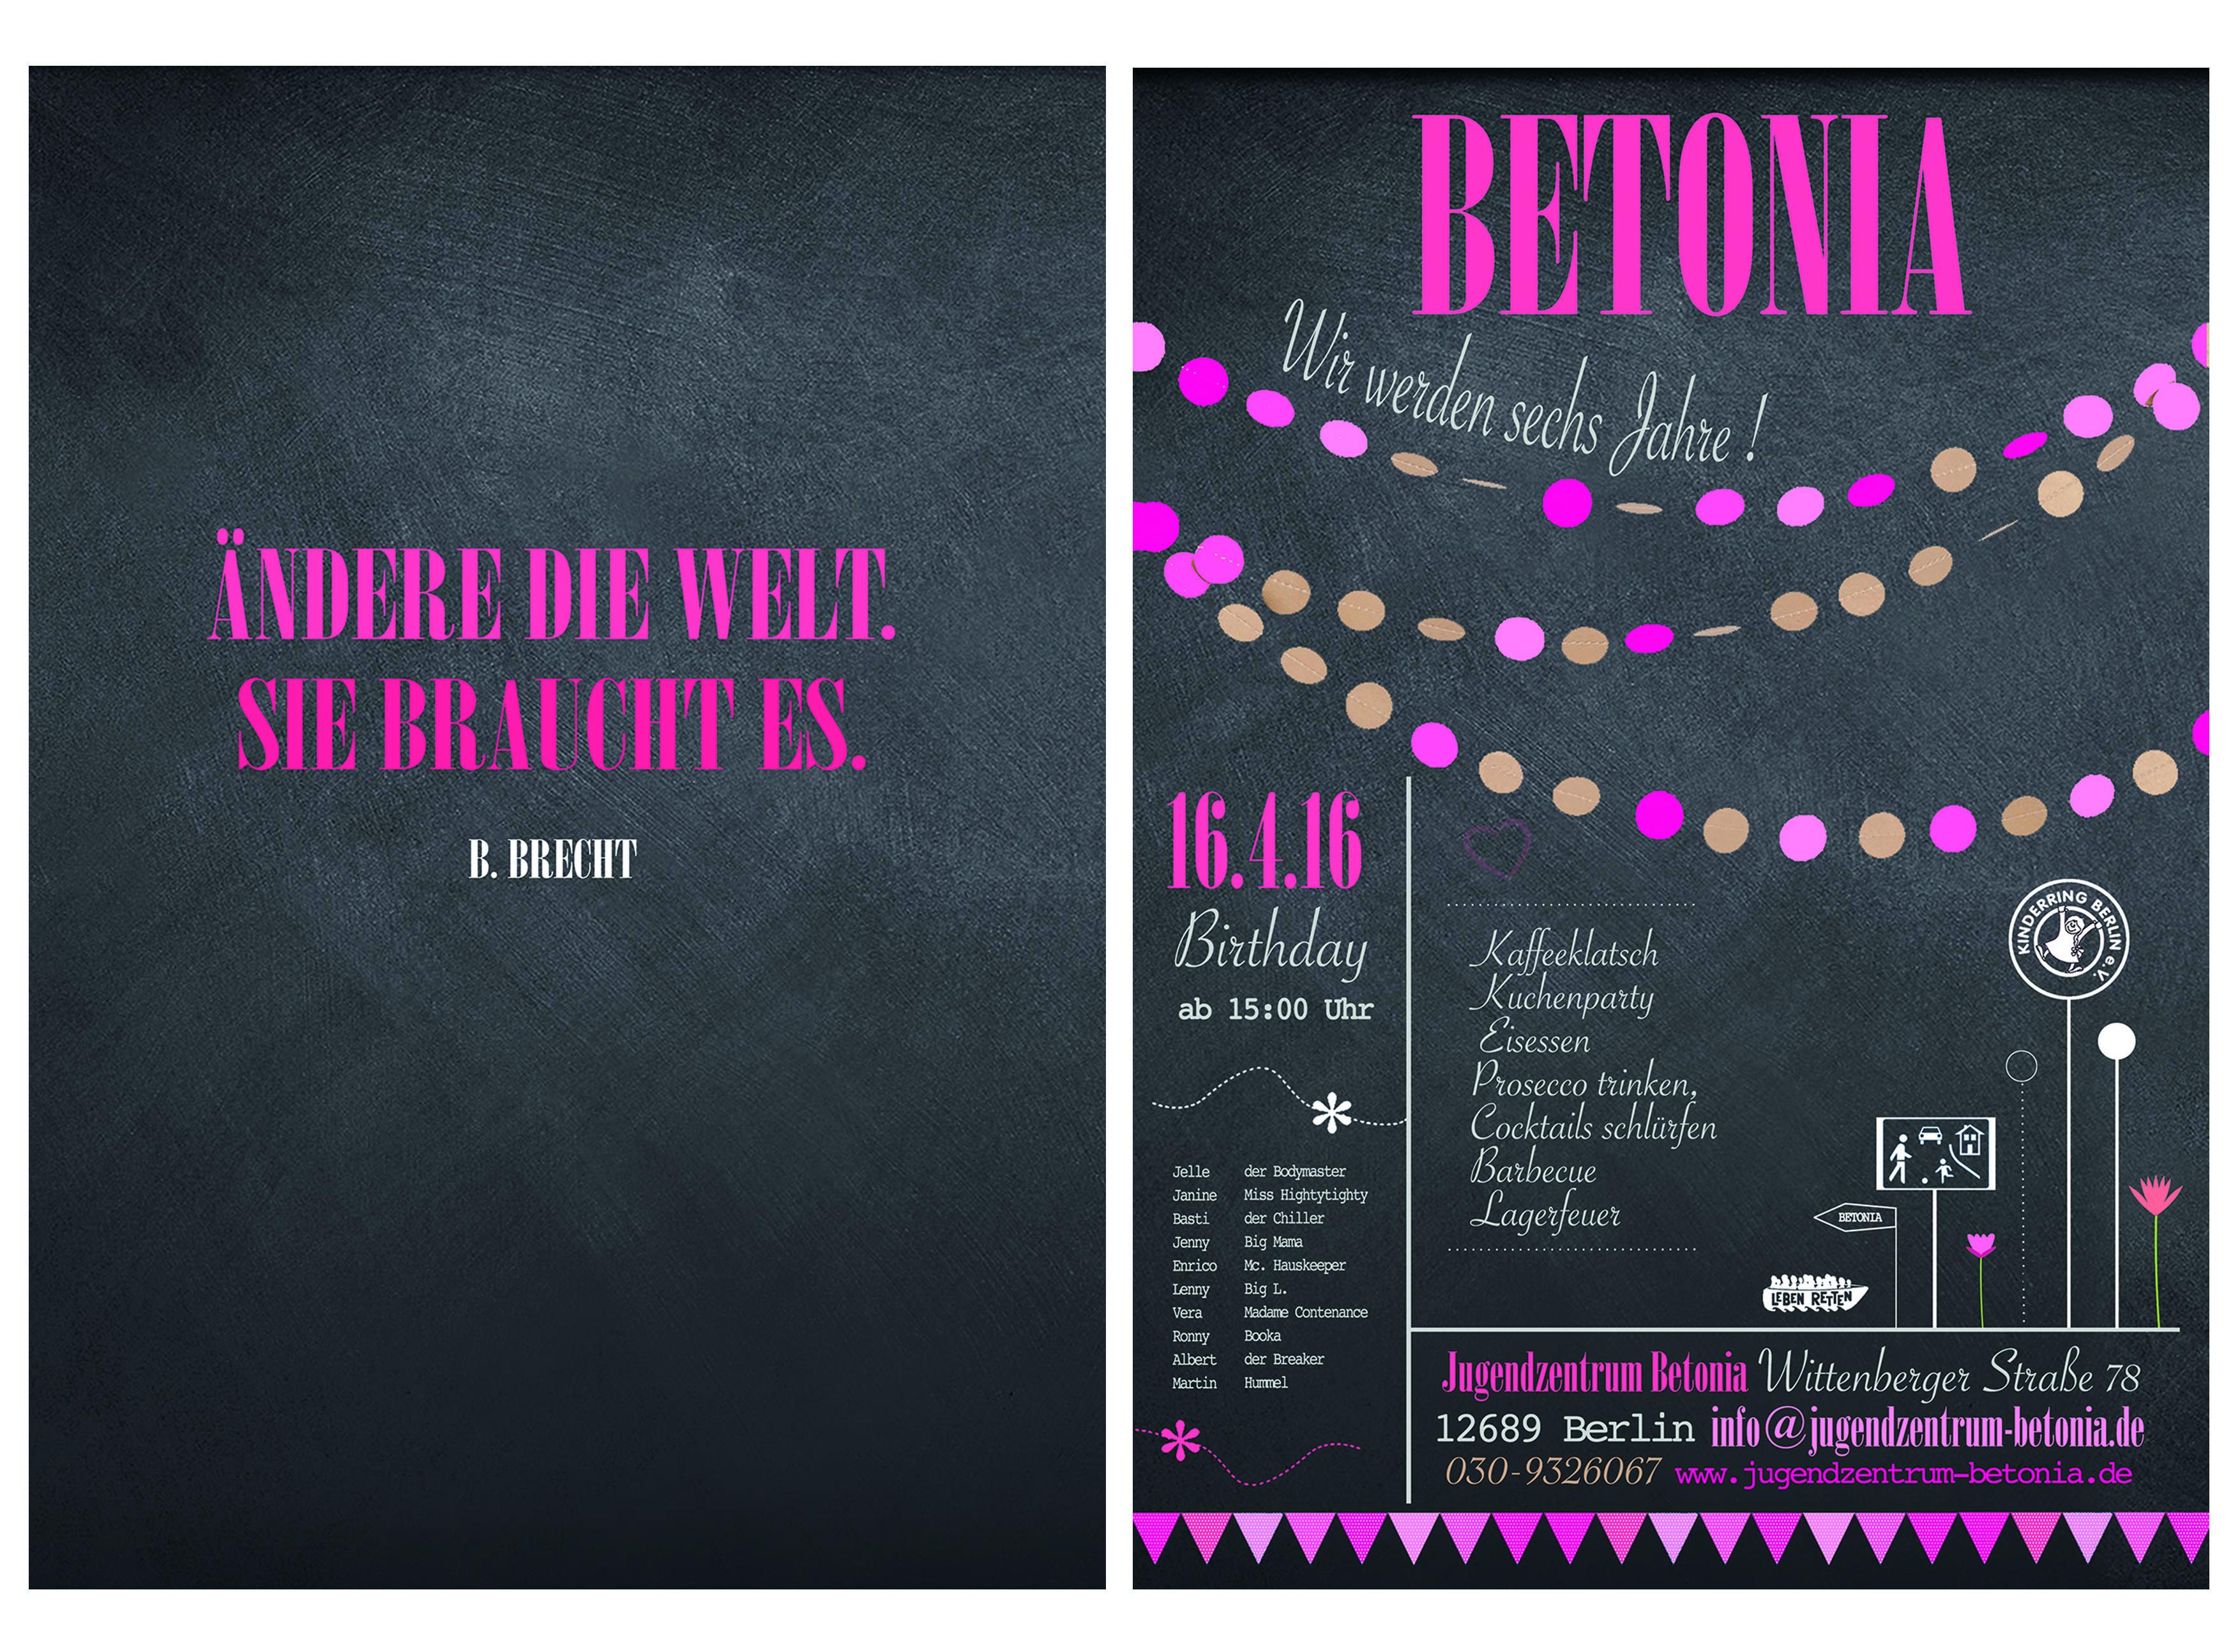 Betonia_Geburtstag